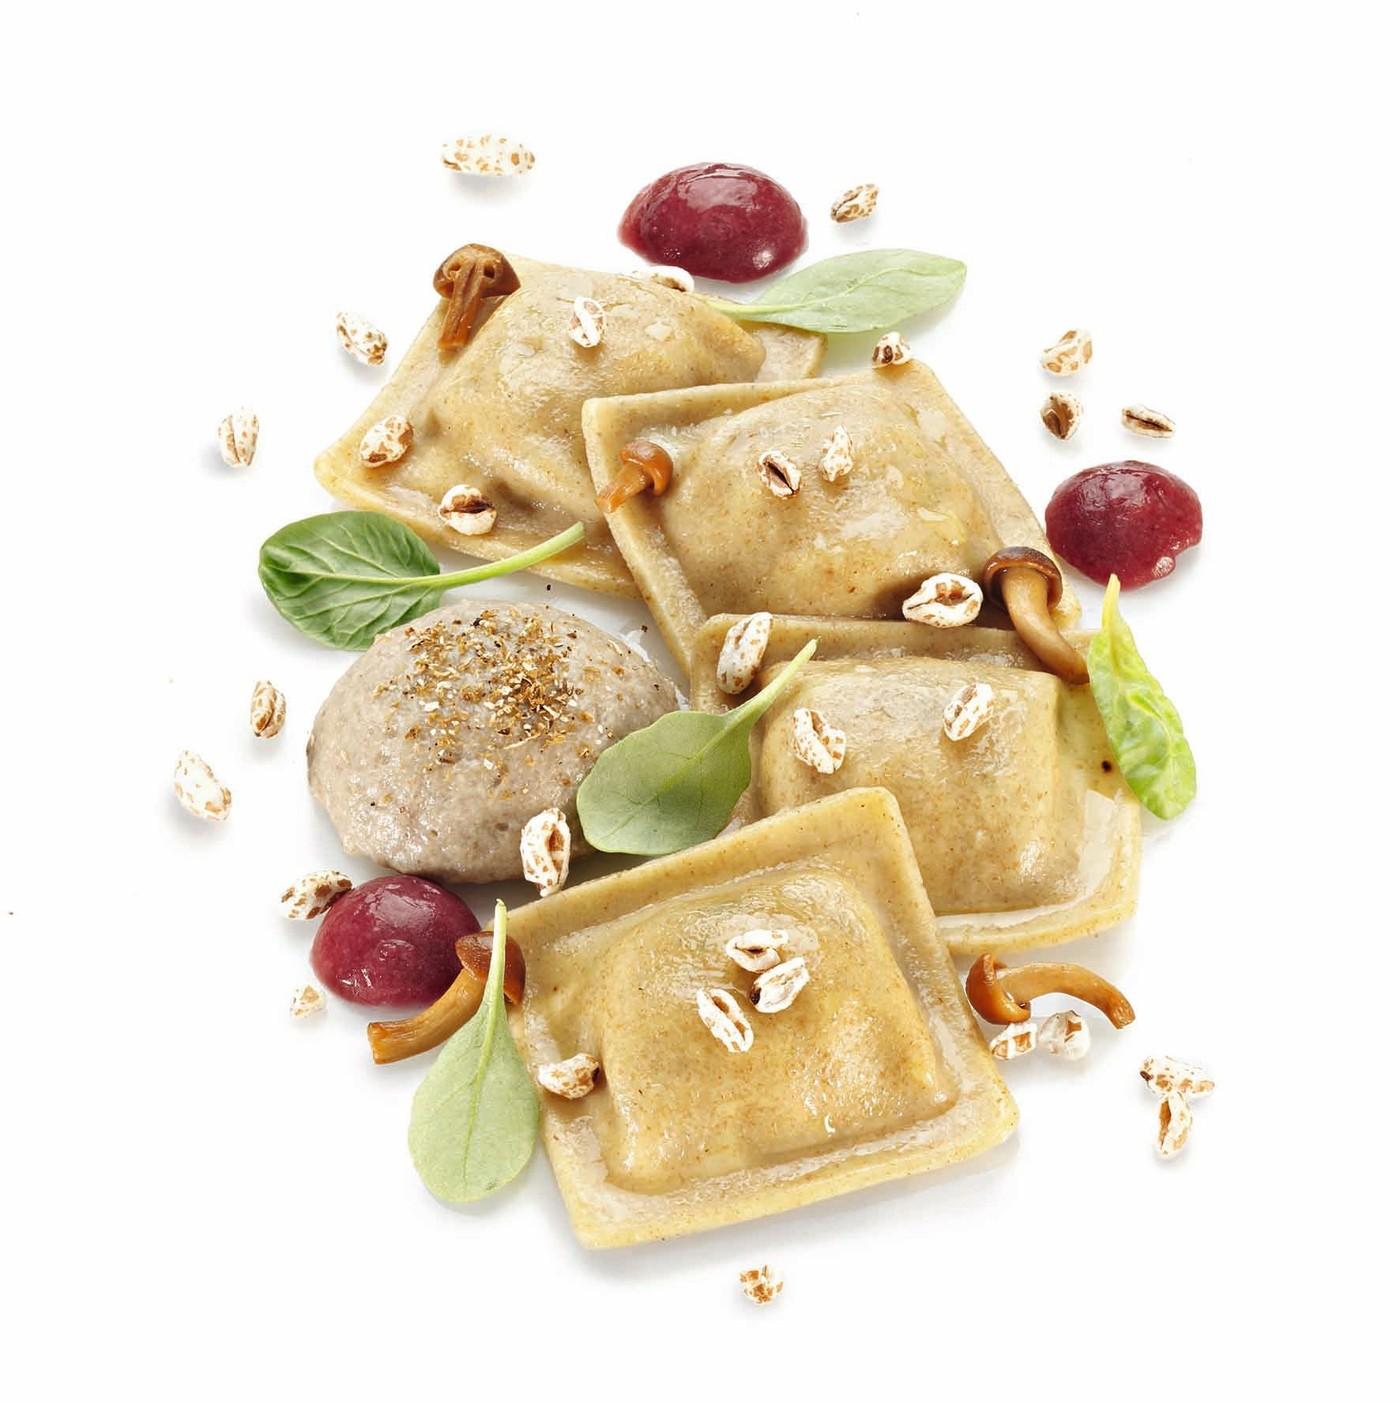 receta de Raviolacci A La Espelta Con Queso Y Nueces